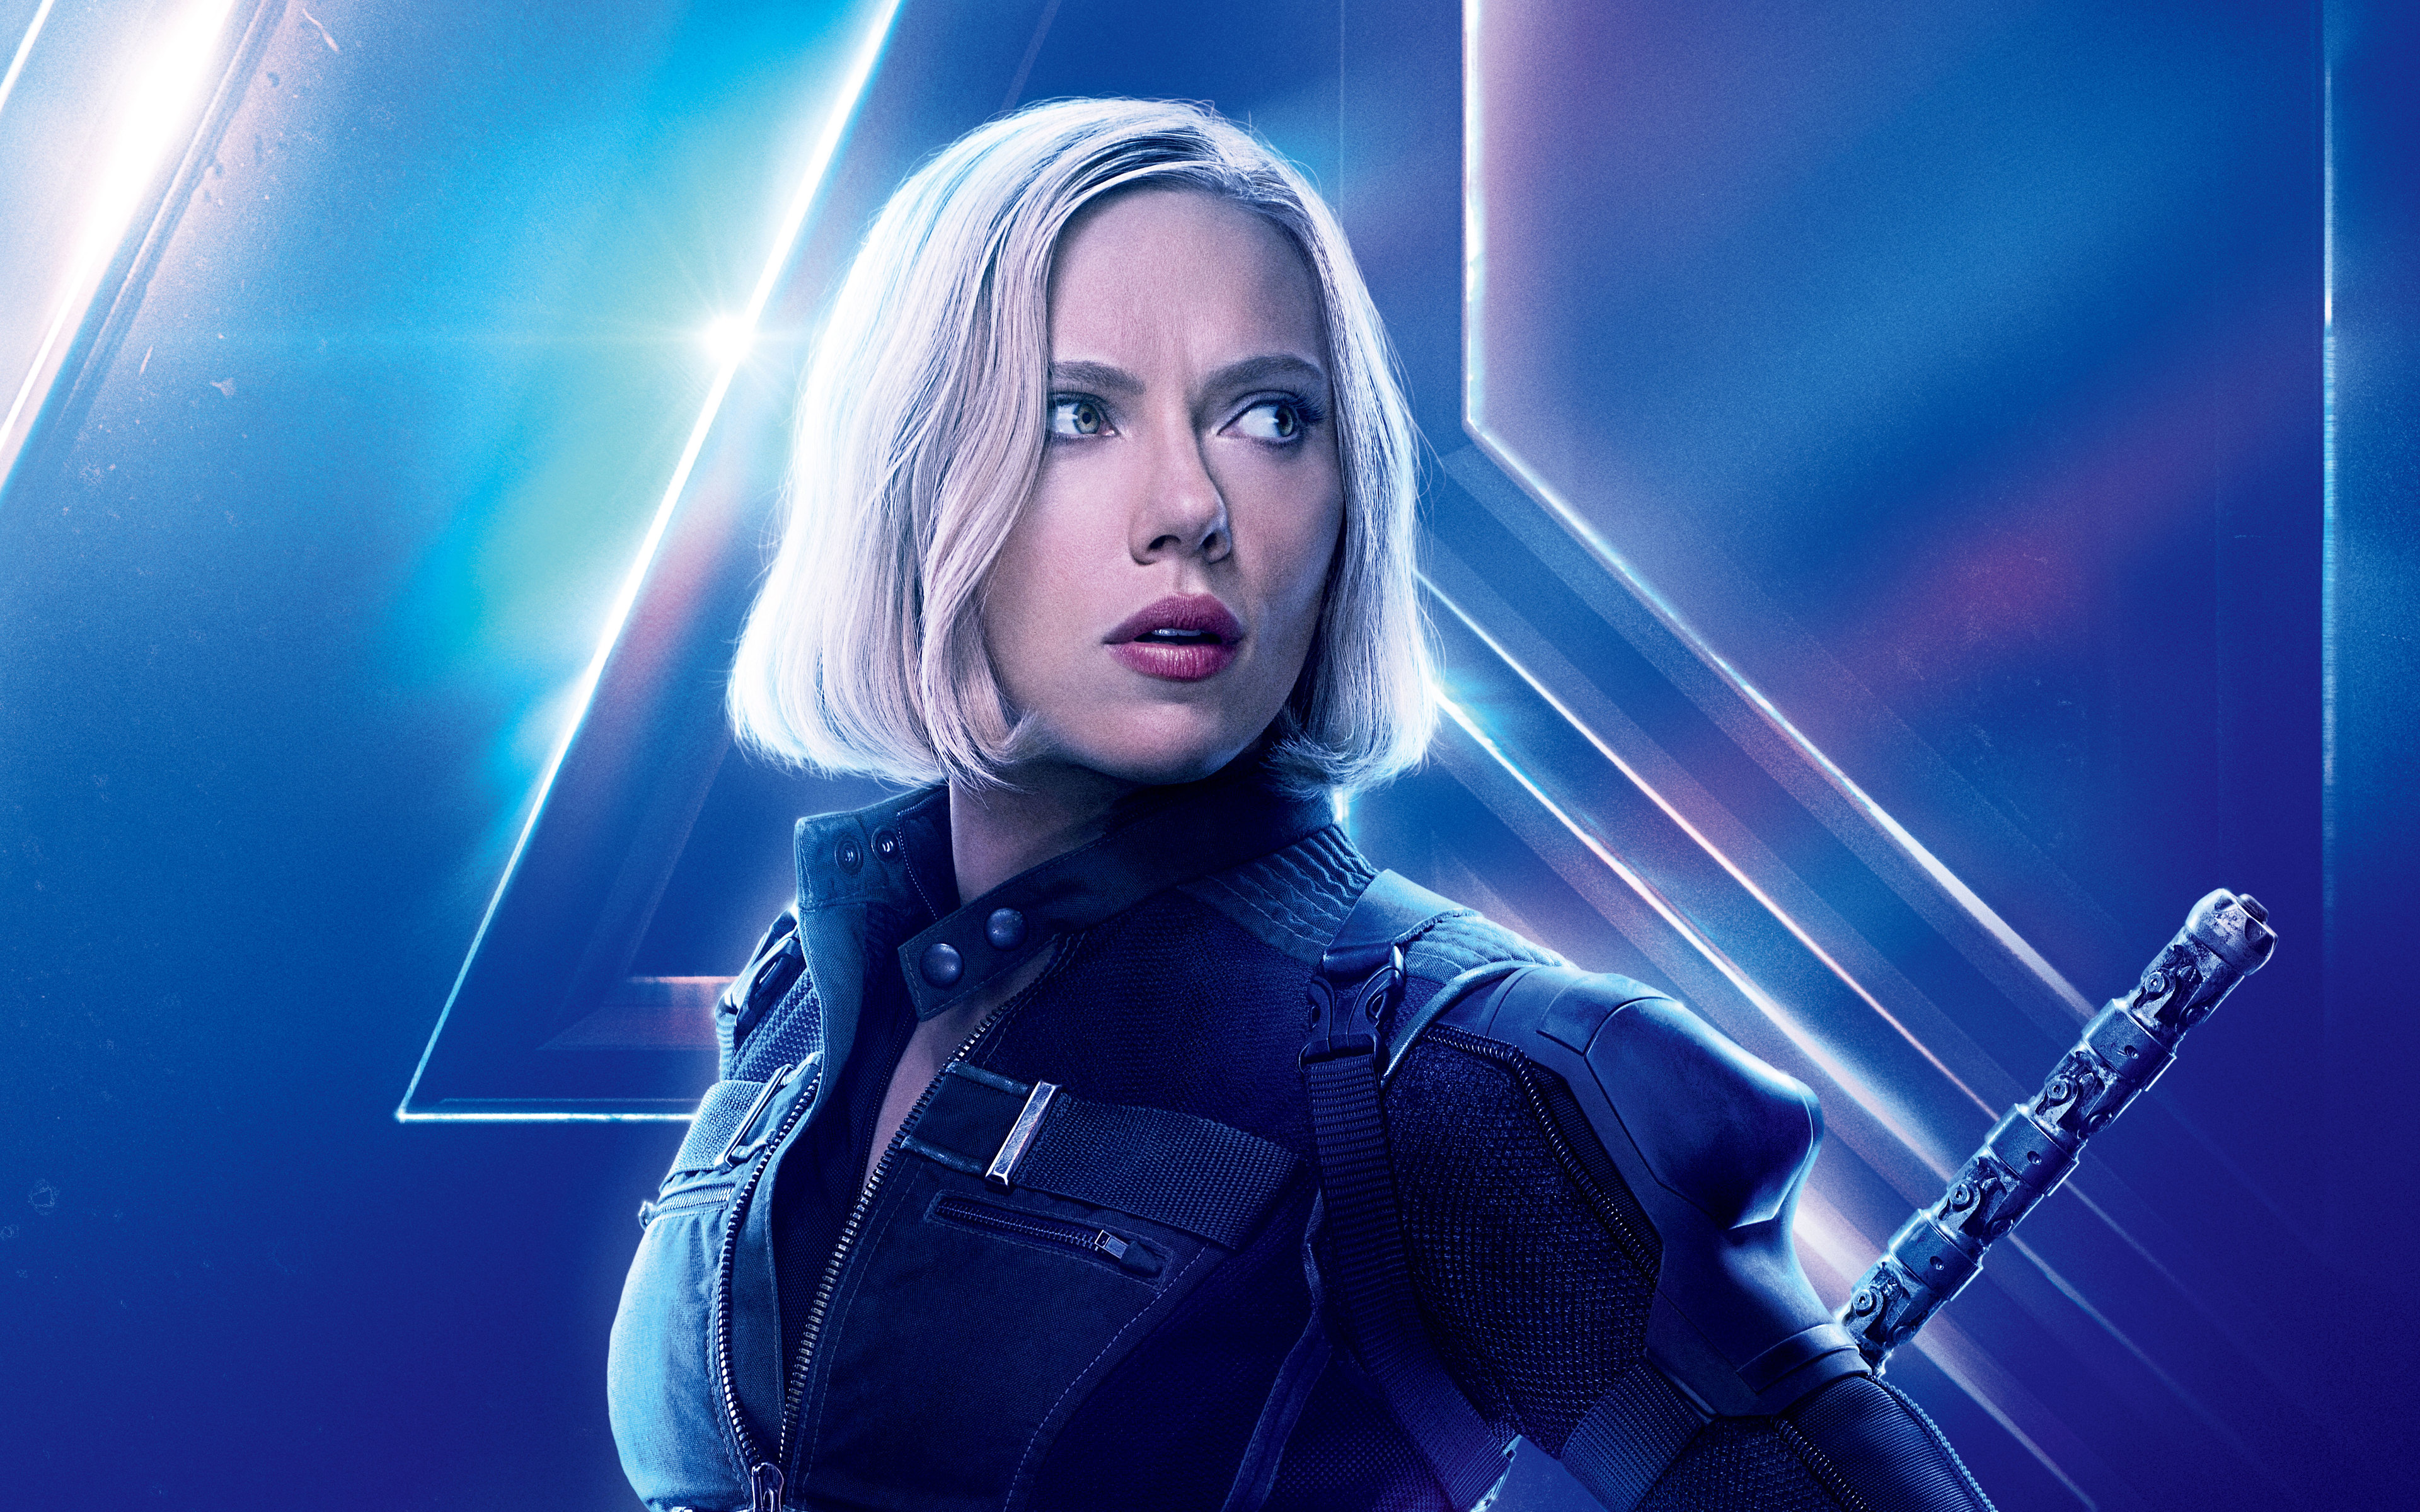 Marvel утвердили режиссёра сольного фильма о Чёрной Вдове